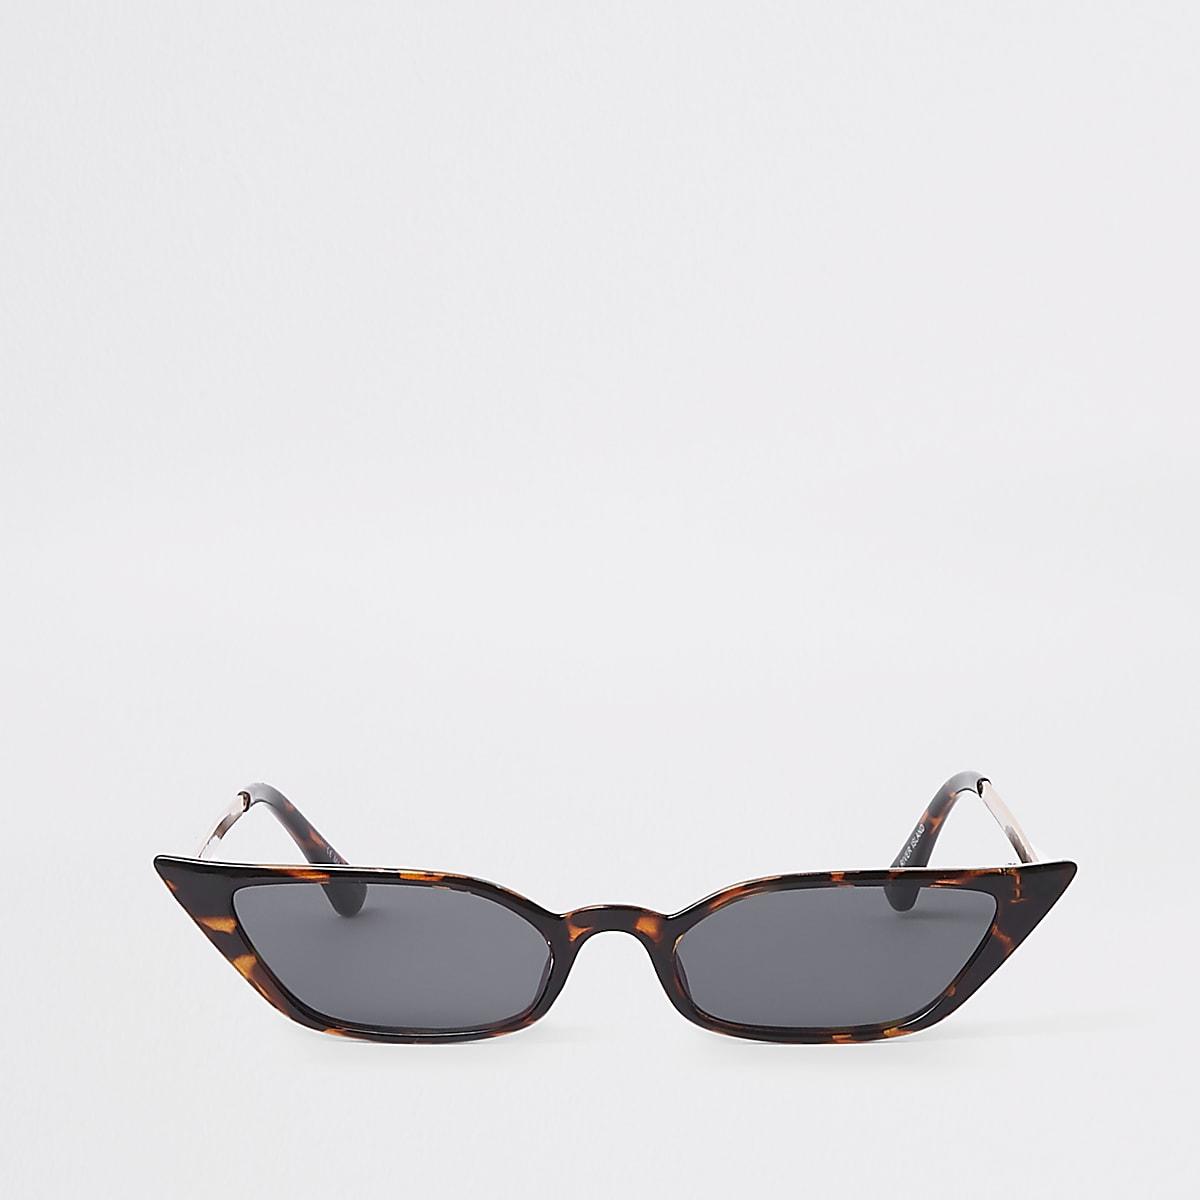 Bruine tortoise zonnebril met smal visor